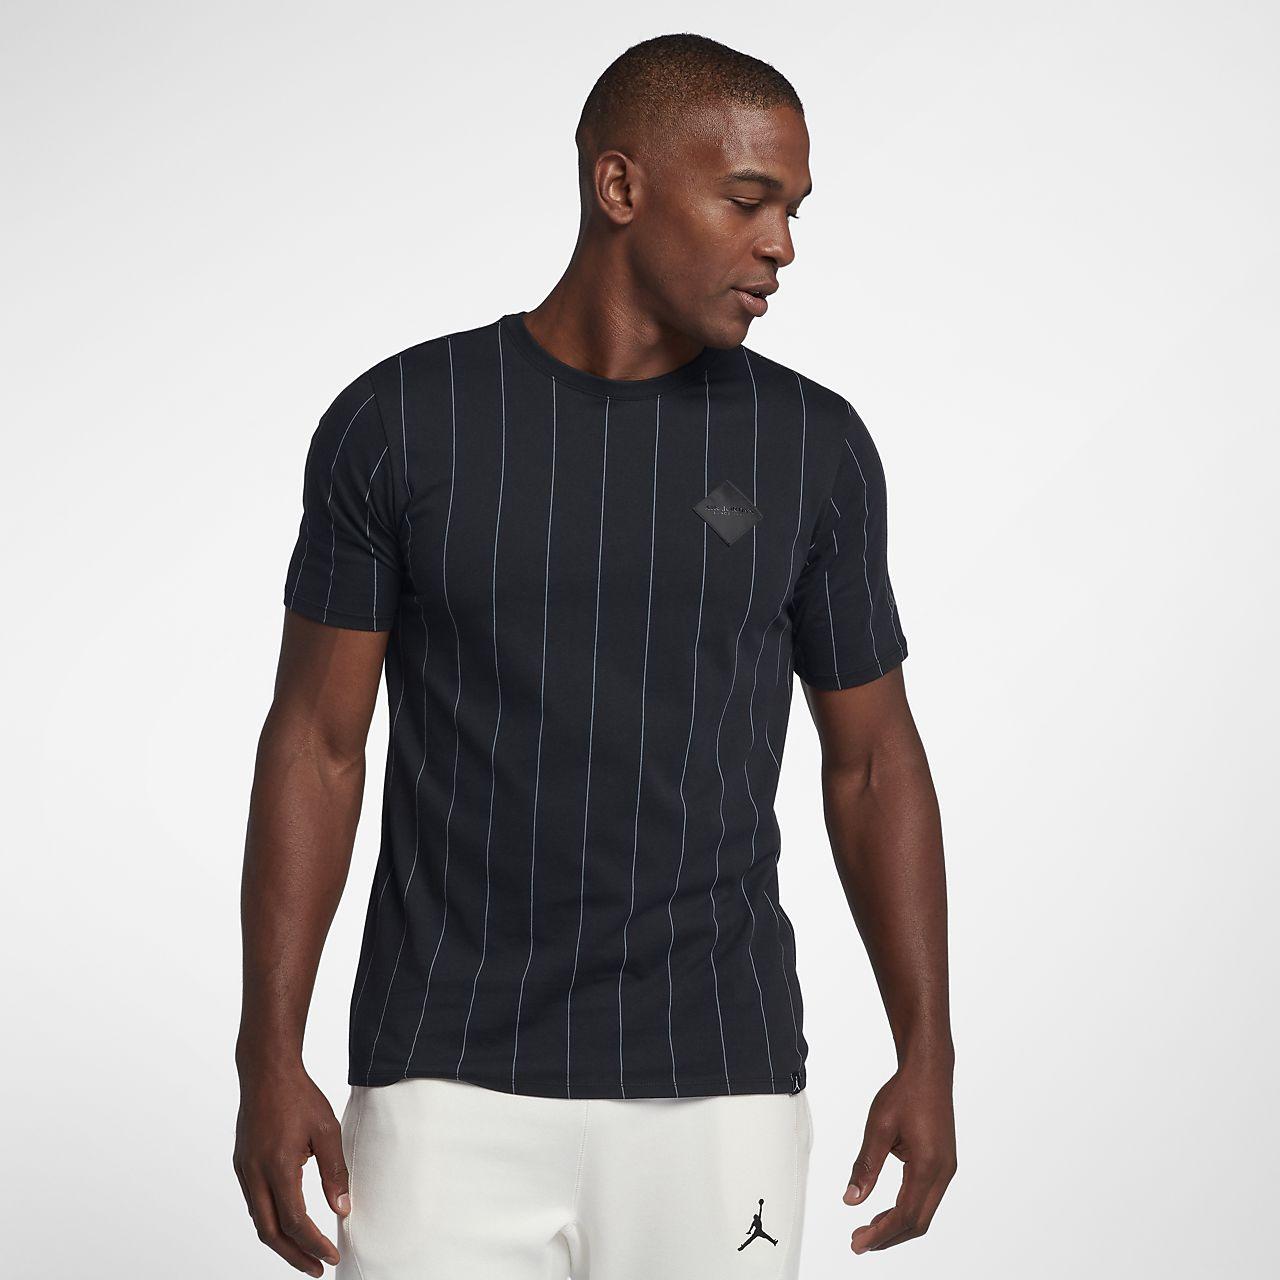 Jordan Sportswear AJ 9 男款 T 恤